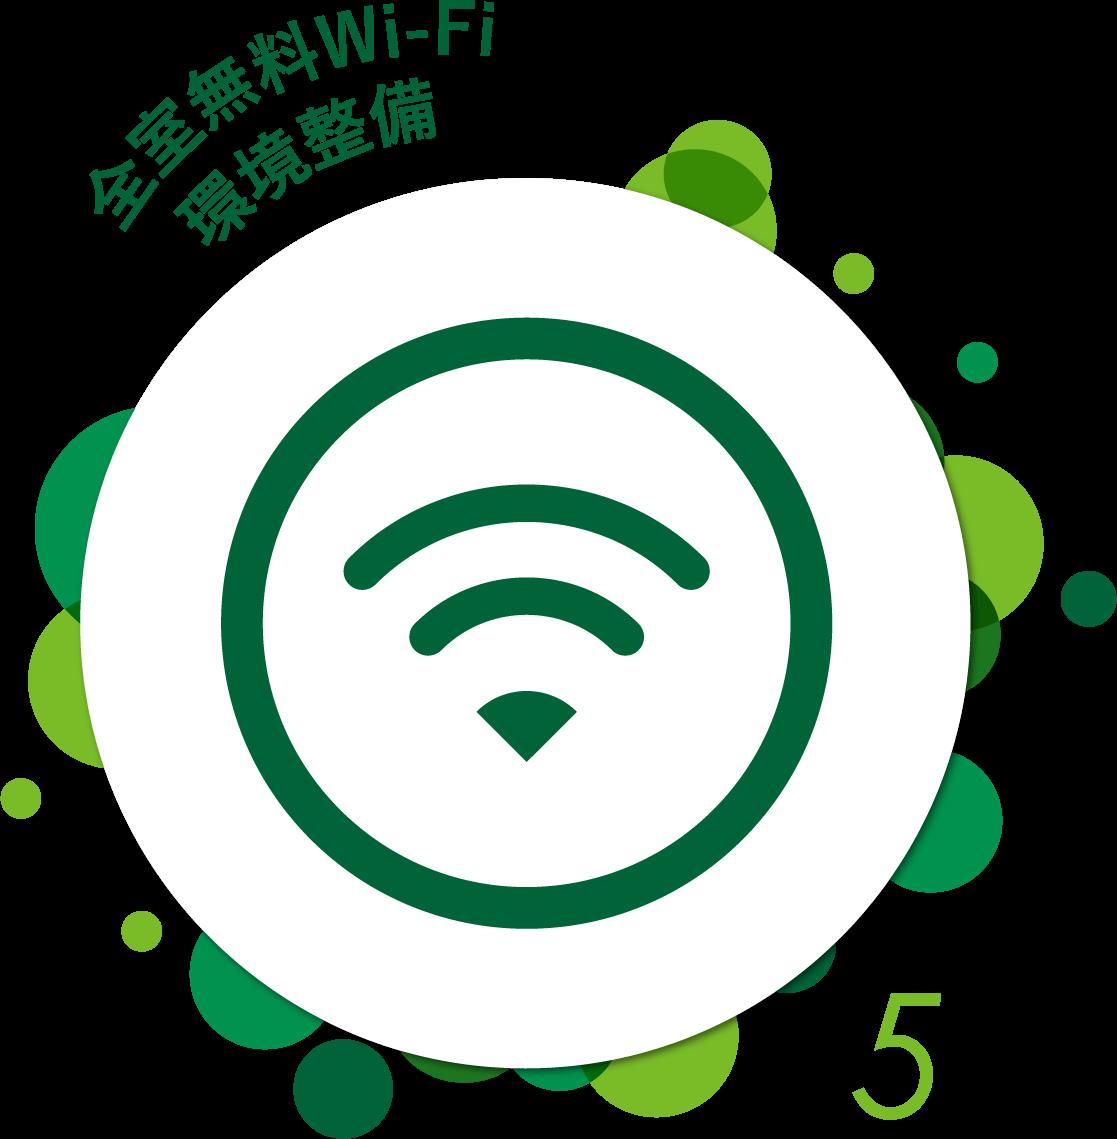 全室無料Wi-Fi環境整備